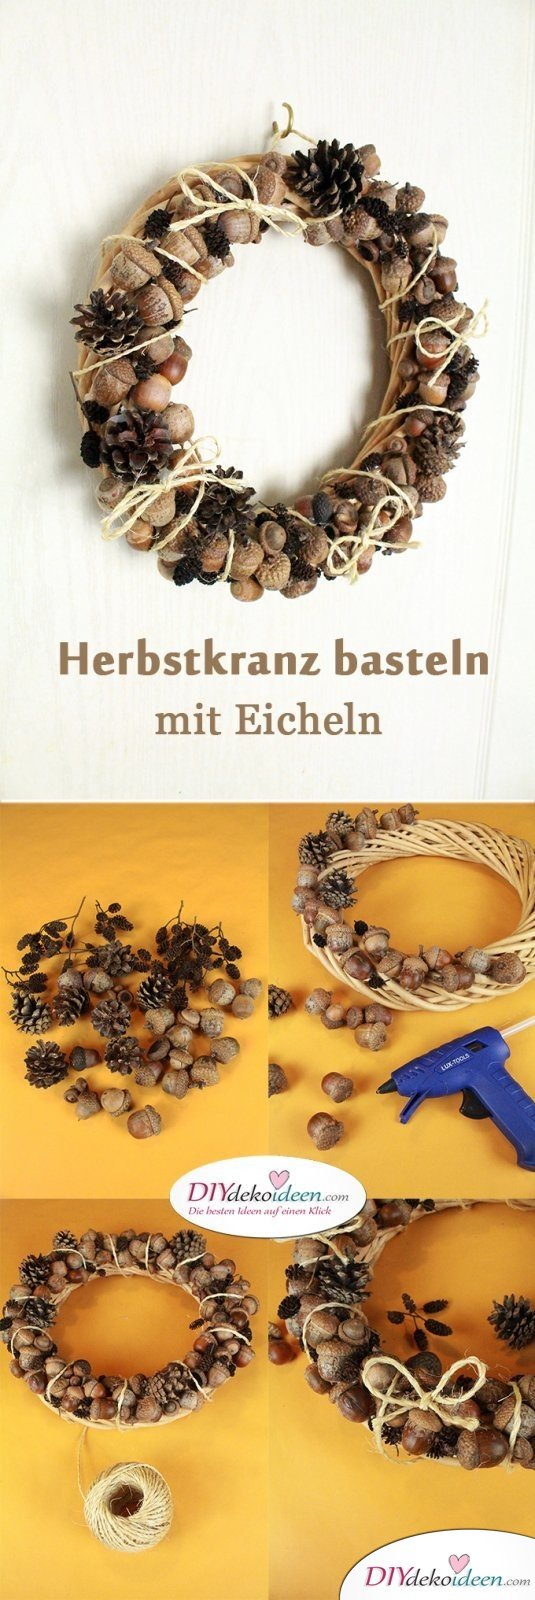 Rustikaler Türschmuck - Herbstkranz basteln aus Eicheln